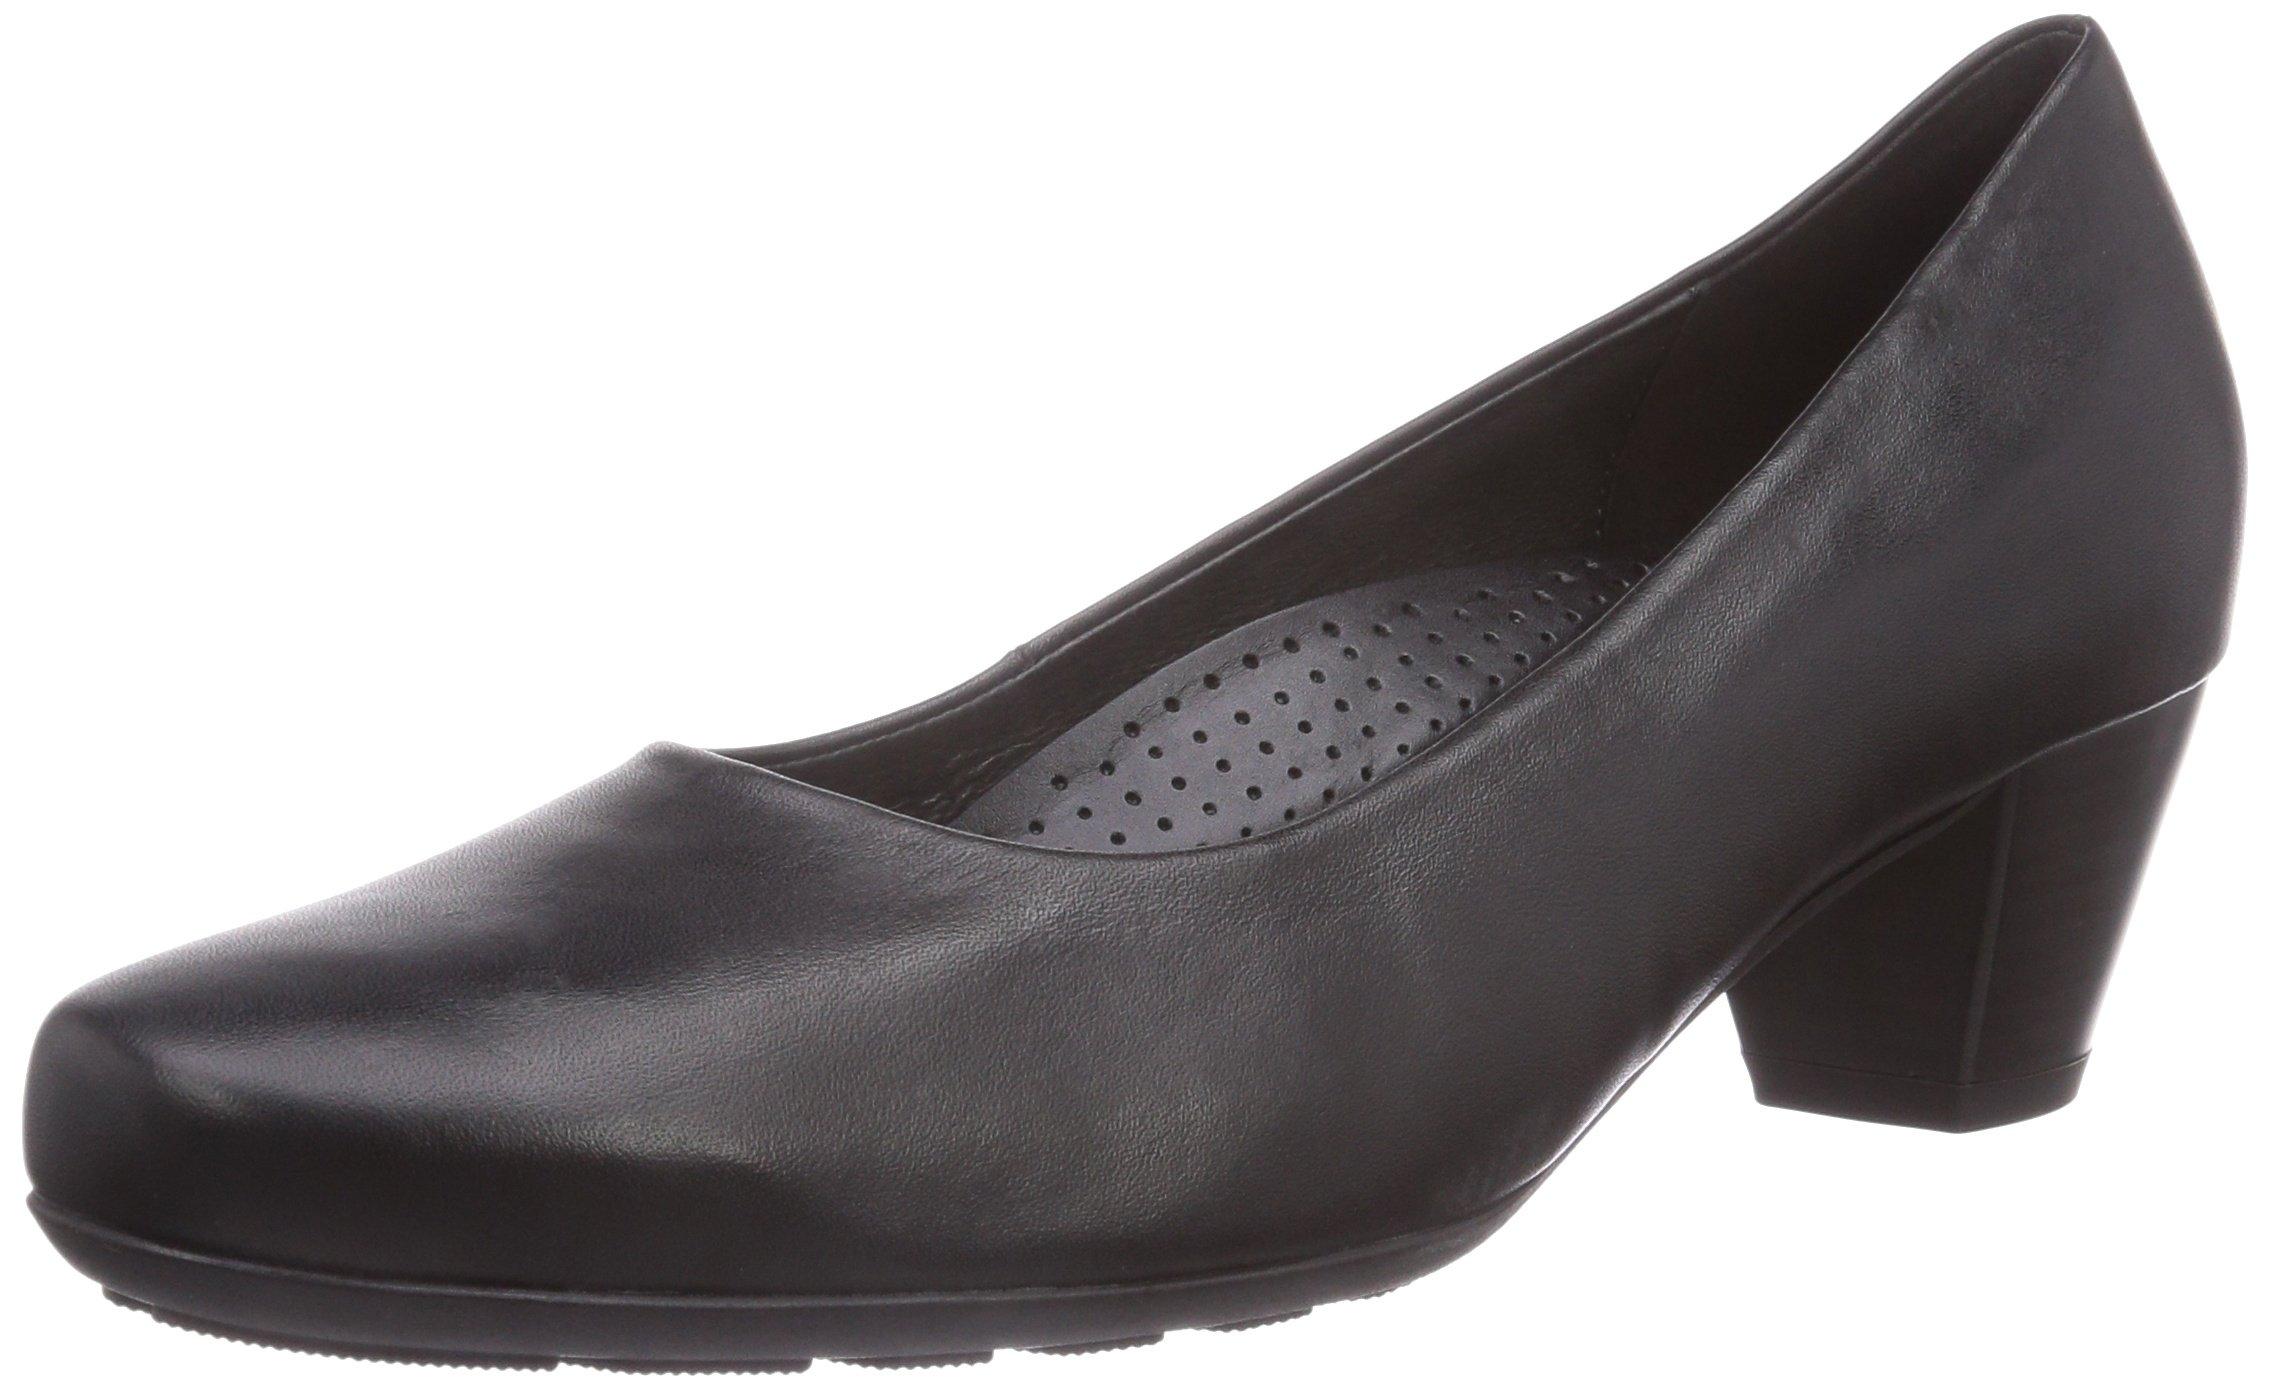 (TG. 40,5 Nero, EU) Gabor Brambling, Court shoes donna, Nero, 40,5 40.5 EU (B7W) 883821